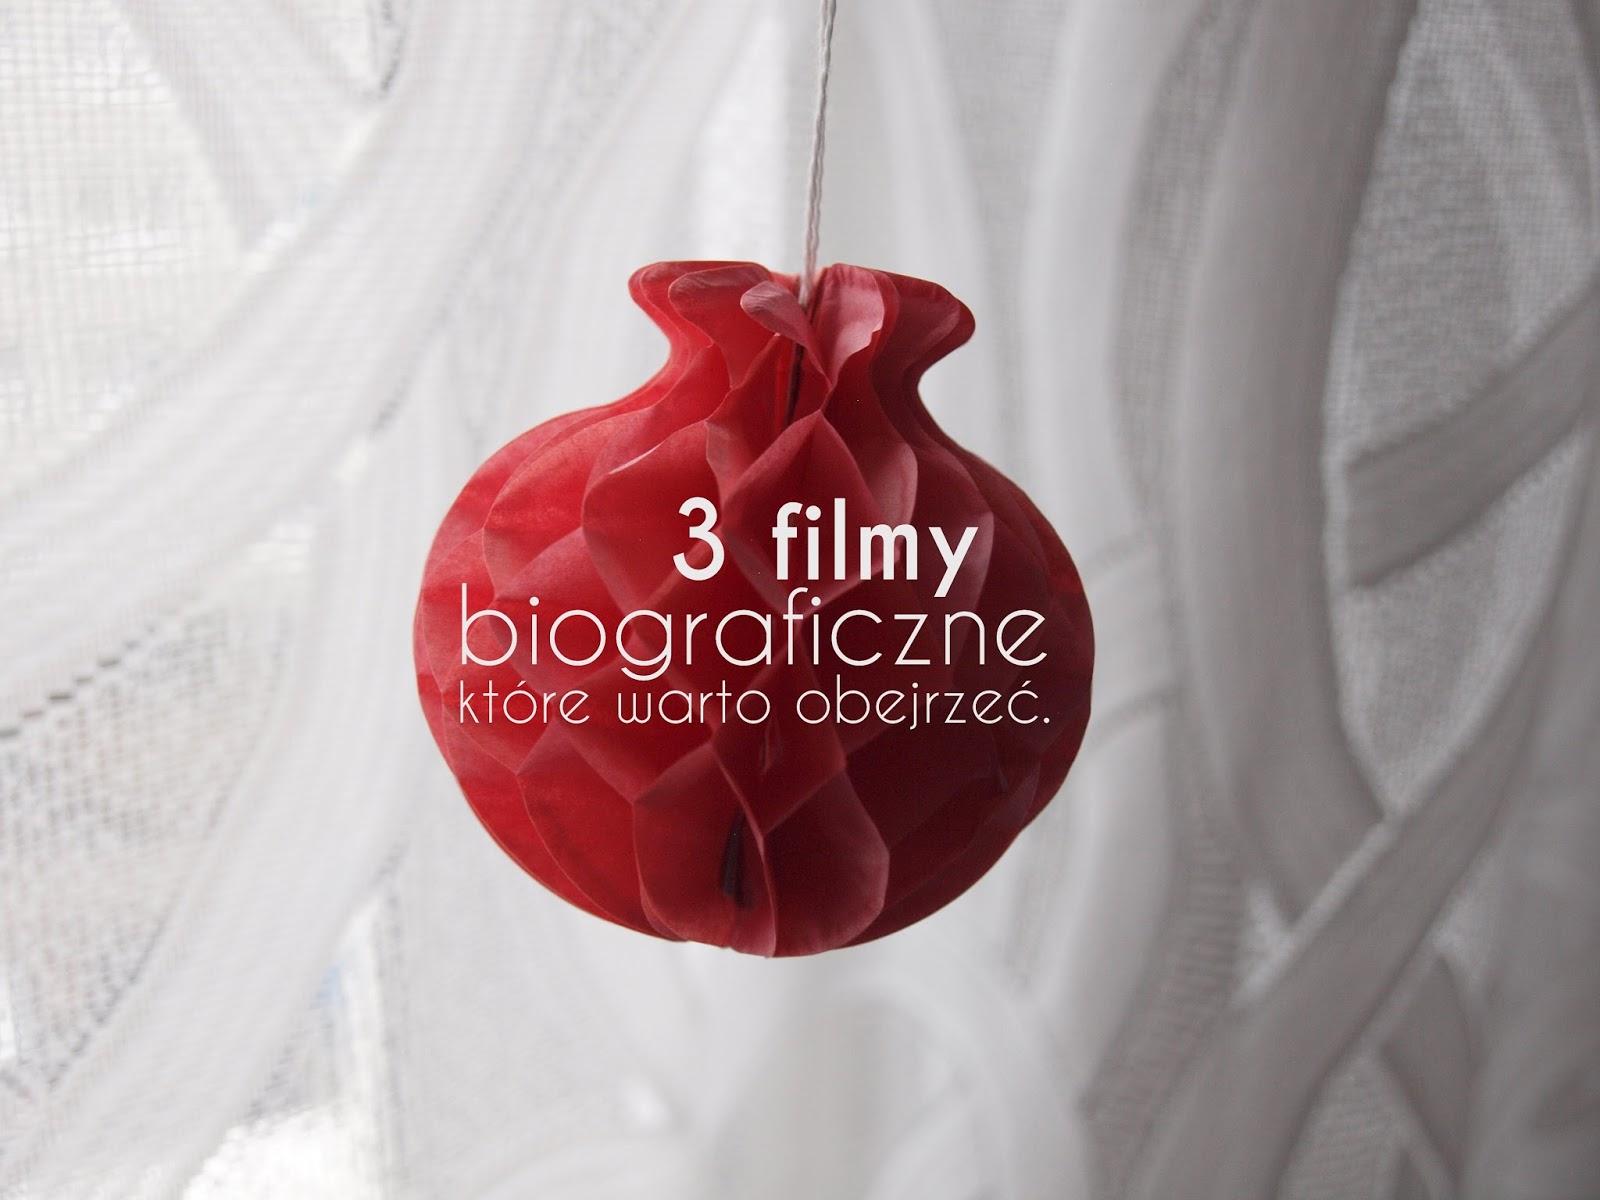 3 filmy biograficzne, które warto obejrzeć.